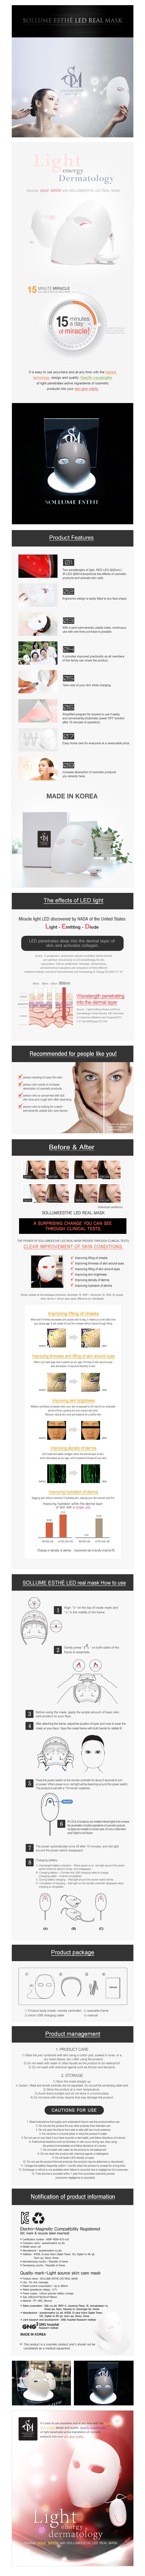 Sollume Esthe - LED Facial Mask